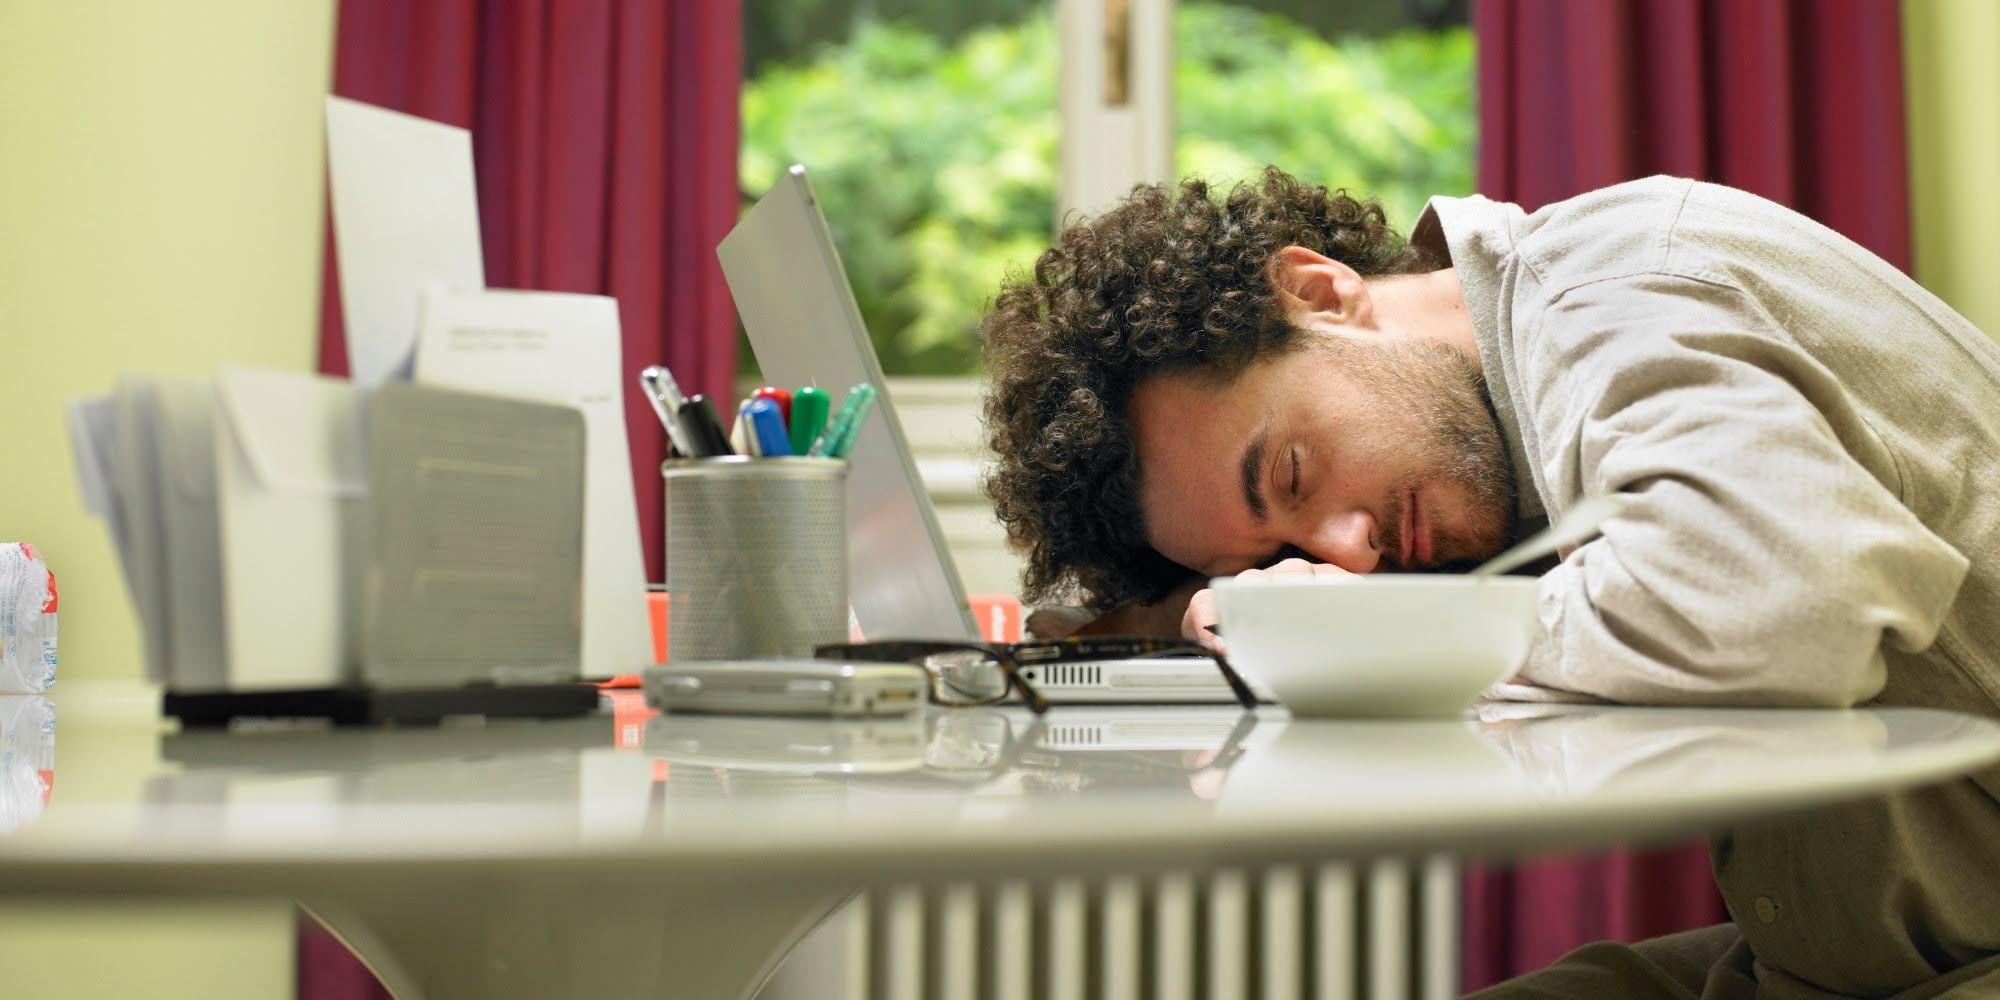 Vì sao con người cần ngủ và giấc ngủ quan trọng như thế nào?